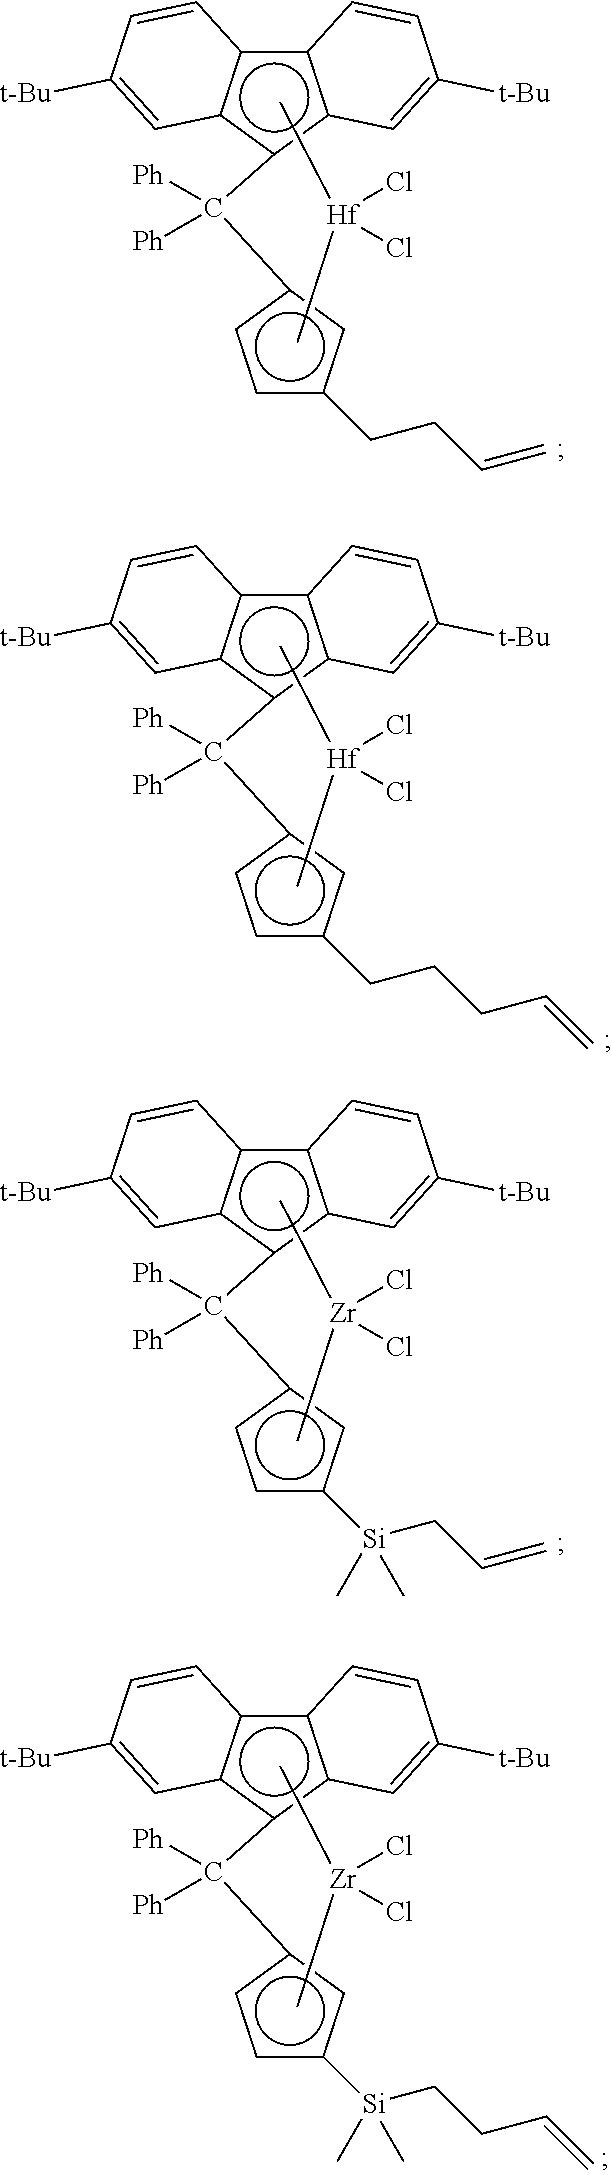 Figure US08501654-20130806-C00003